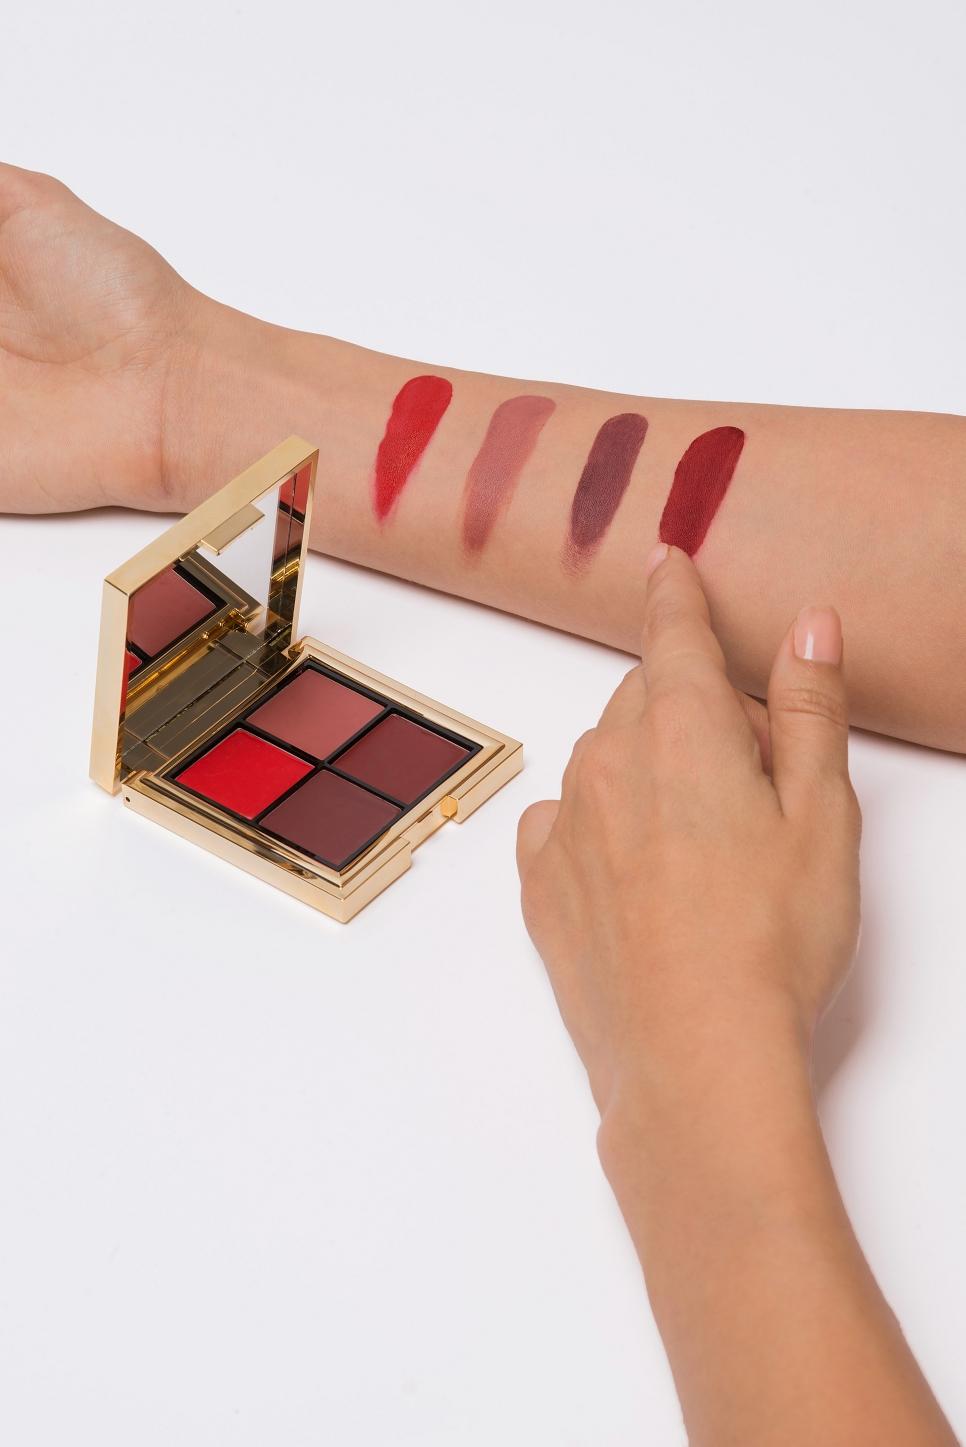 Lip Palette LES 4 ROUJE - Signature